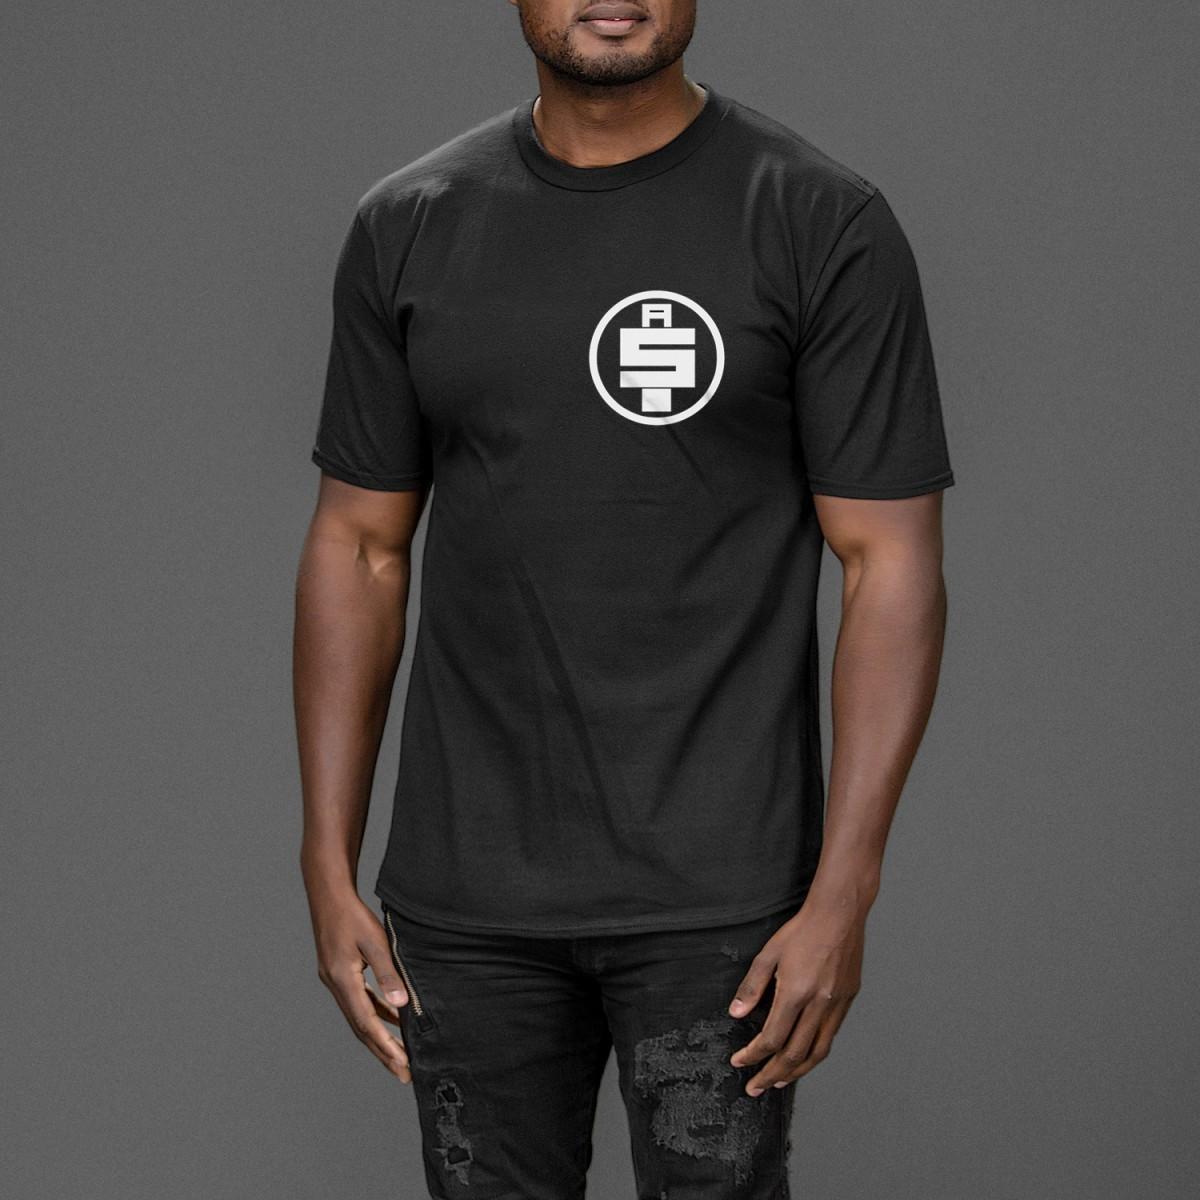 Vestiti da uomo estivi 2019 breve nippsey hussy t-shirt manica Cool top hip-hop tees camicia casual allentato nuovo cotone t shirt c19041701